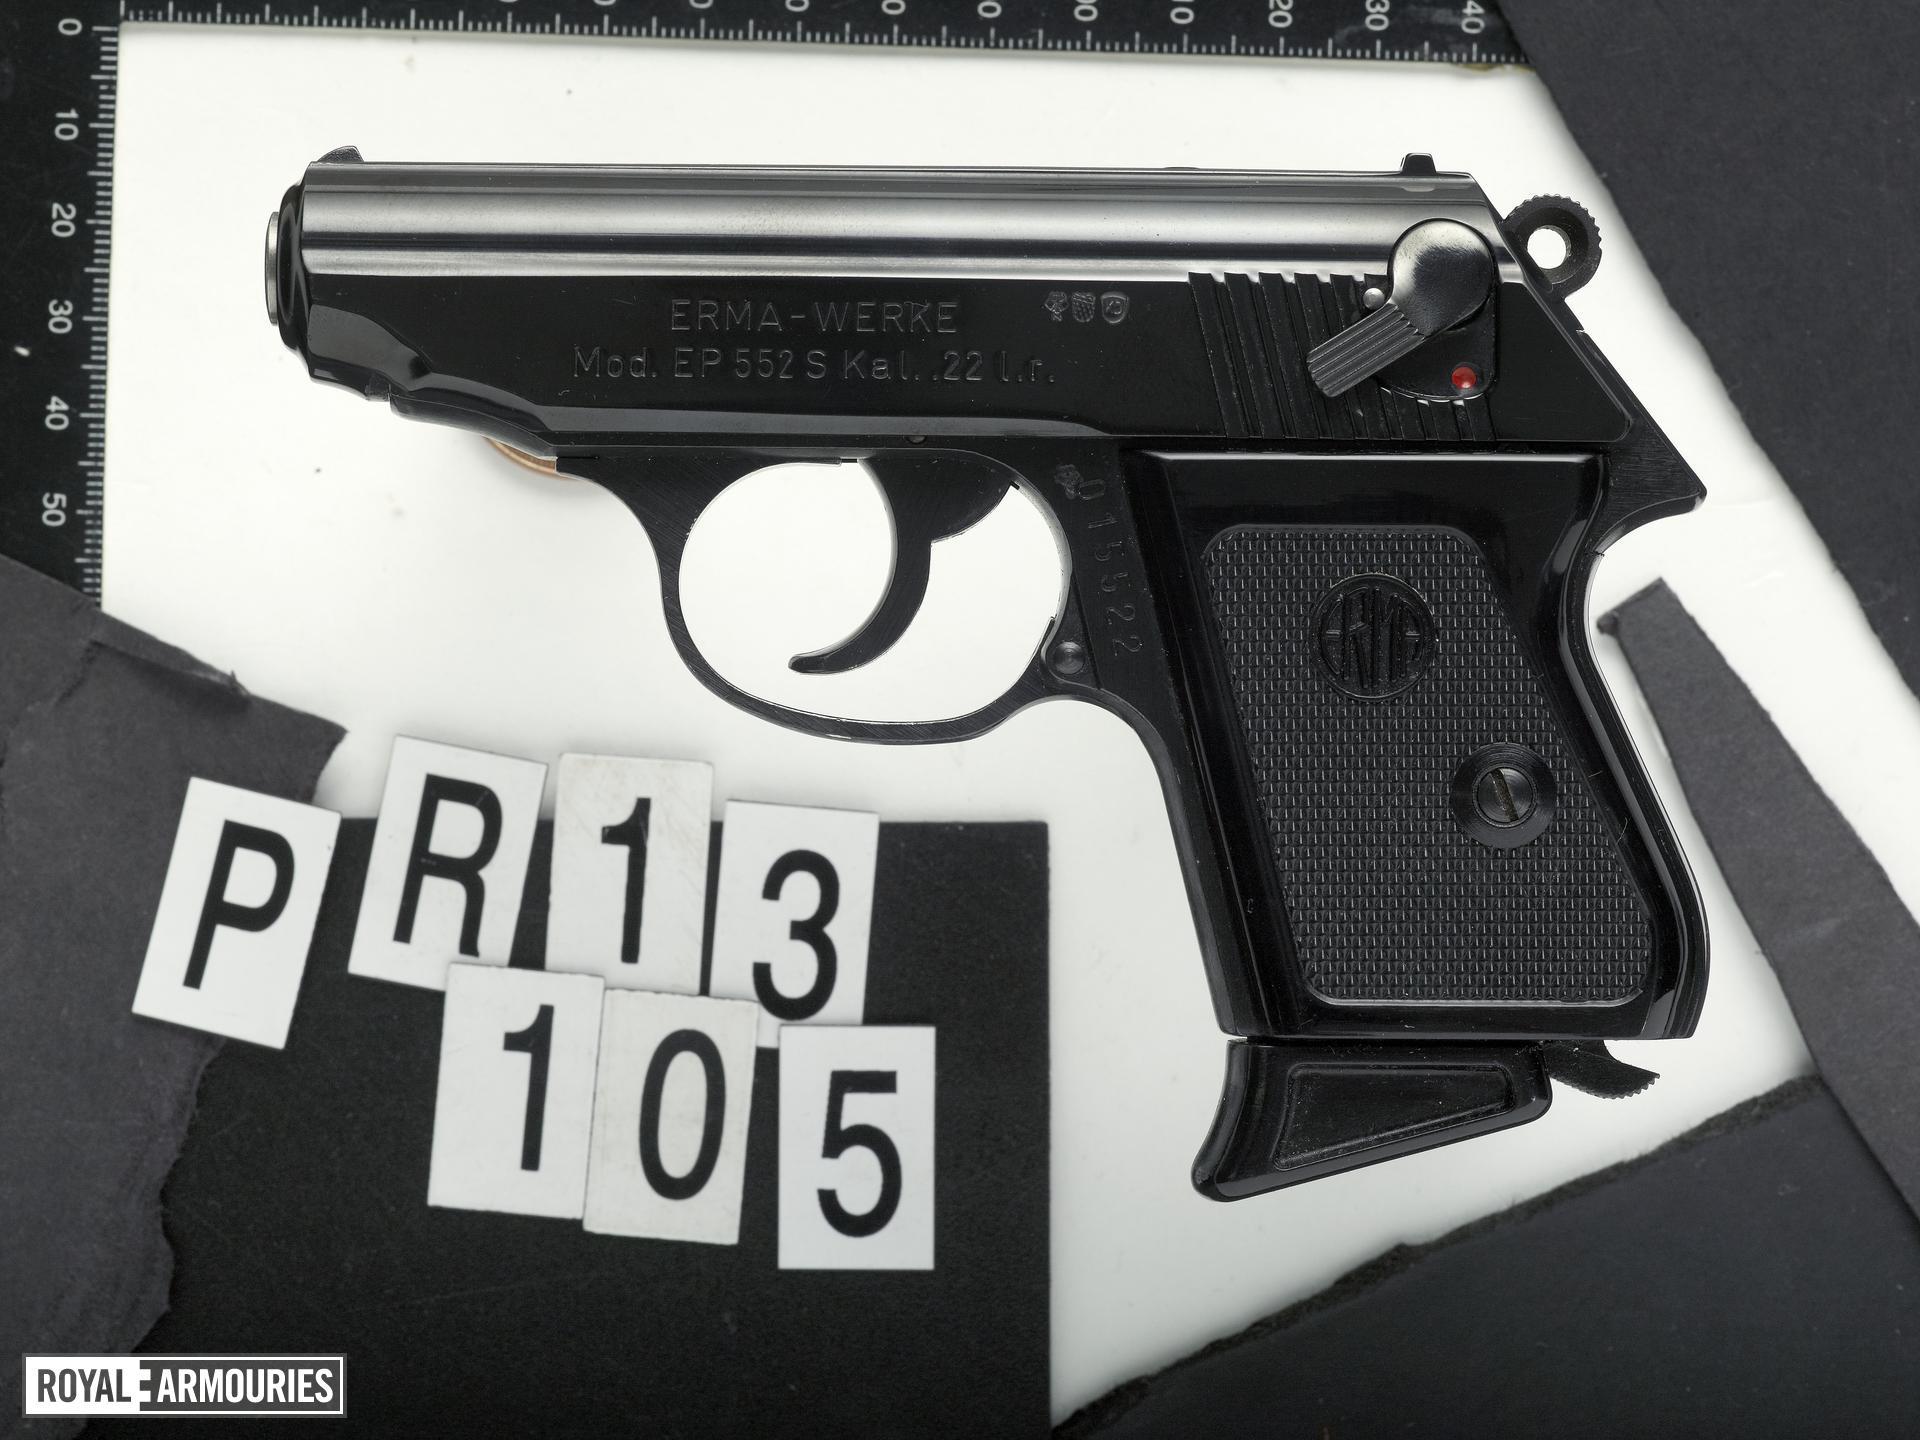 Rimfire self-loading pistol - Erma Model EP 552S